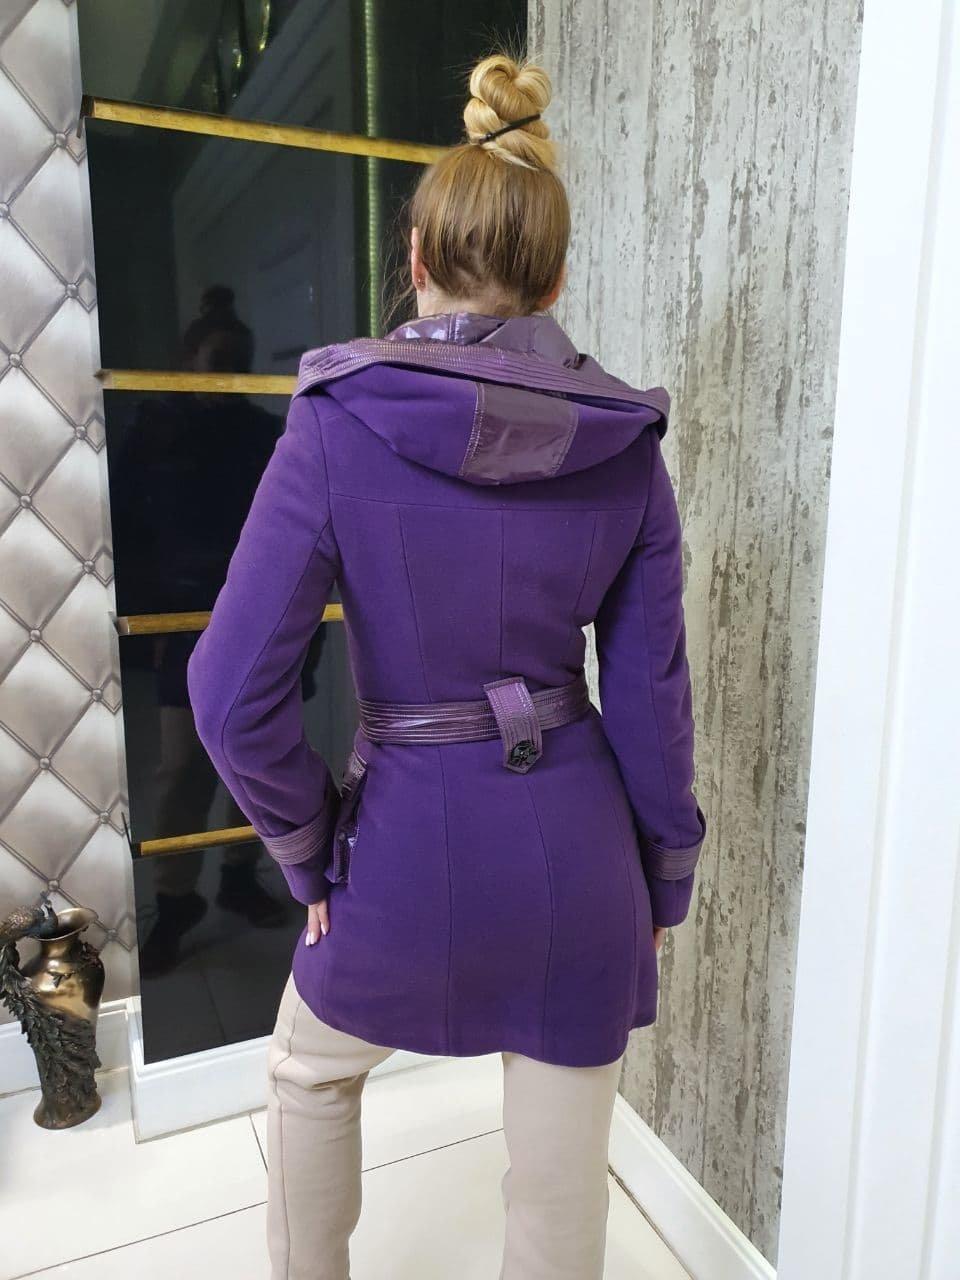 Пальто Зимнее Клапан 10717 АРТ. 47141 Цвет: Фиолетовый - фото 2, интернет магазин tm-modus.ru